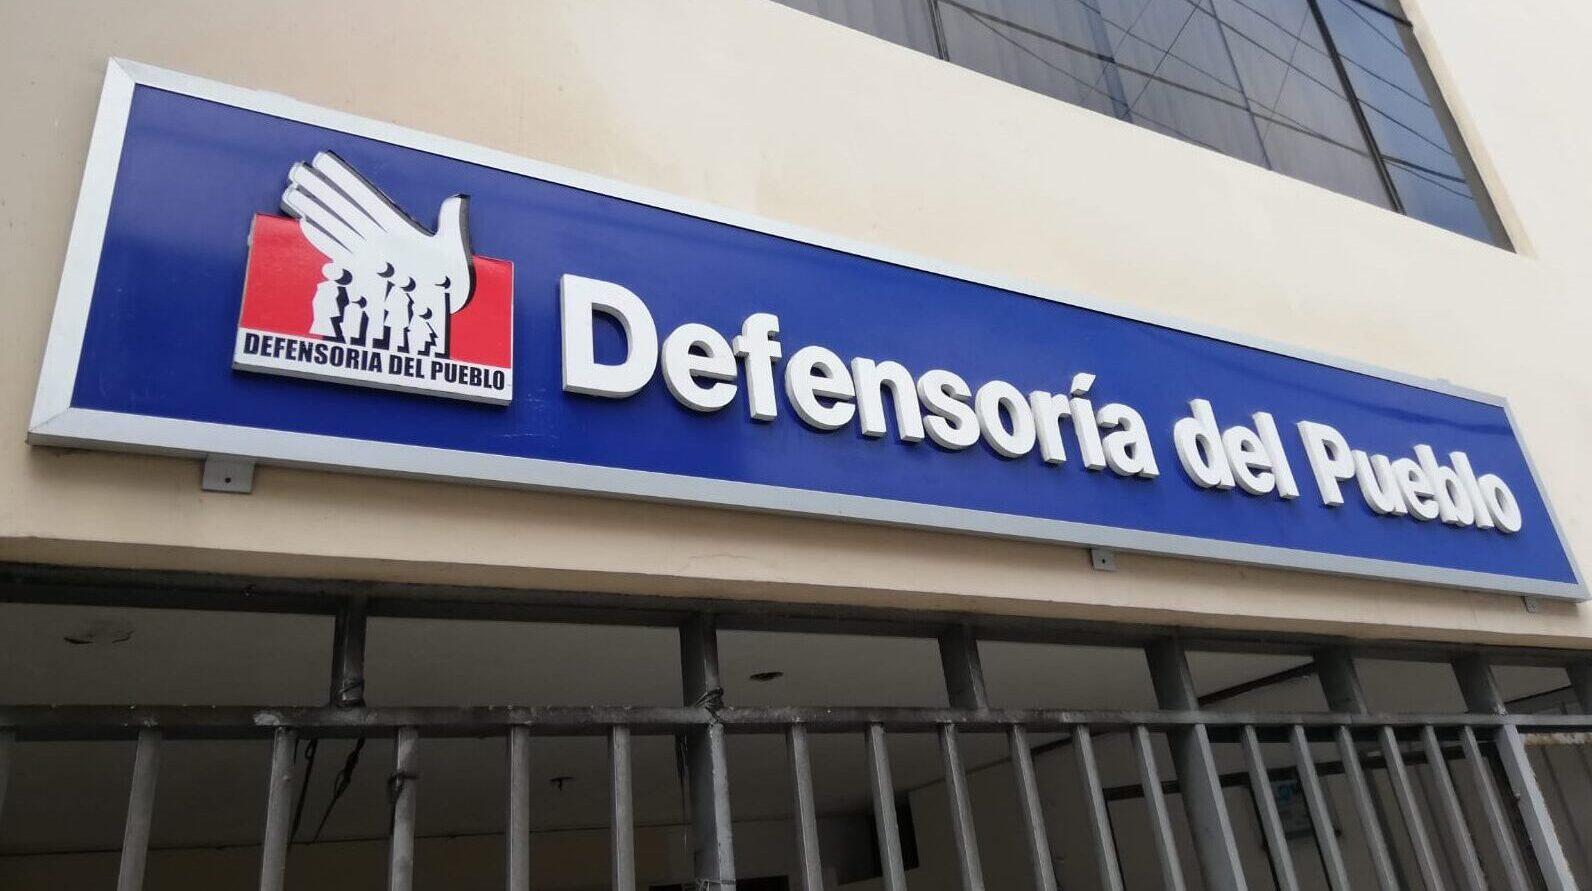 Defensoría del Pueblo: urge activar comisiones del Coprosec para enfrentar pandemia del COVID-19 en provincia del Santa